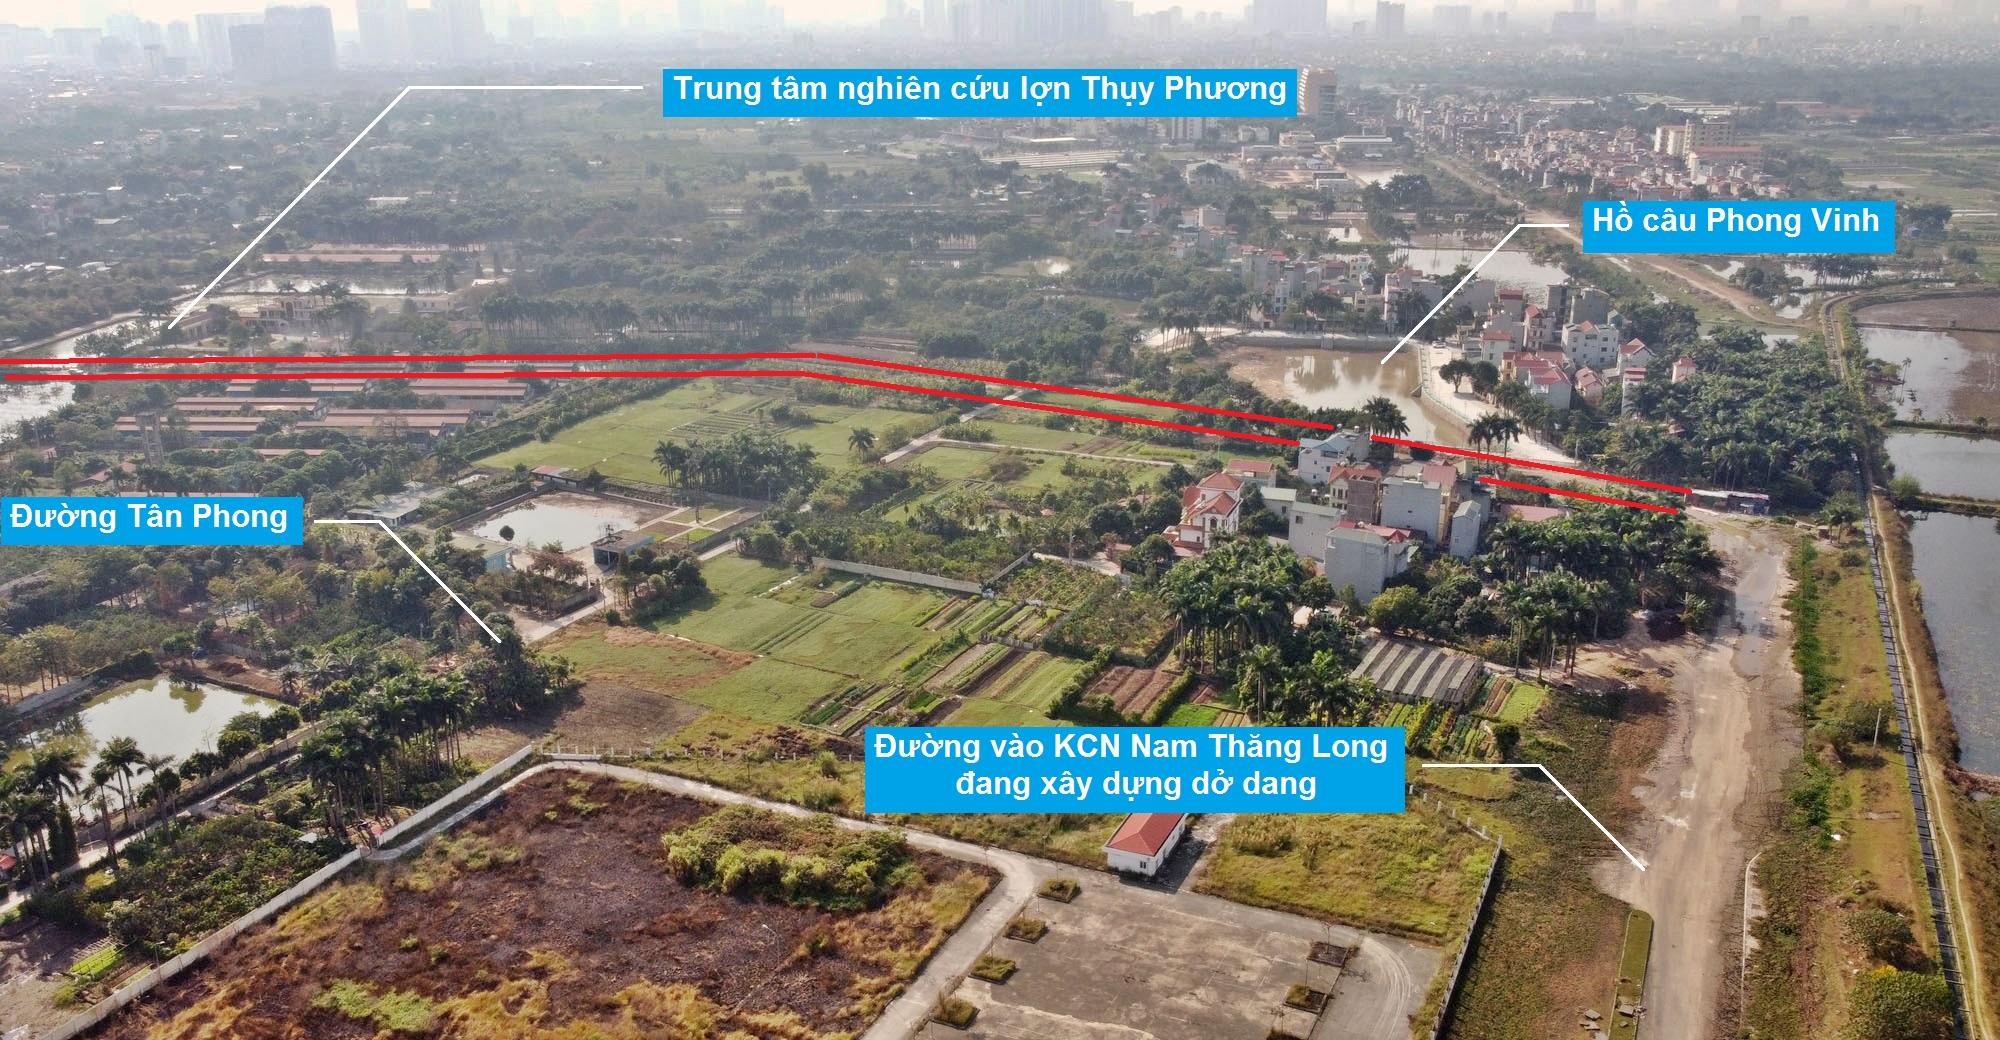 Ba đường sẽ mở theo qui hoạch ở phường Thụy Phương, Bắc Từ Liêm, Hà Nội (phần 2) - Ảnh 7.